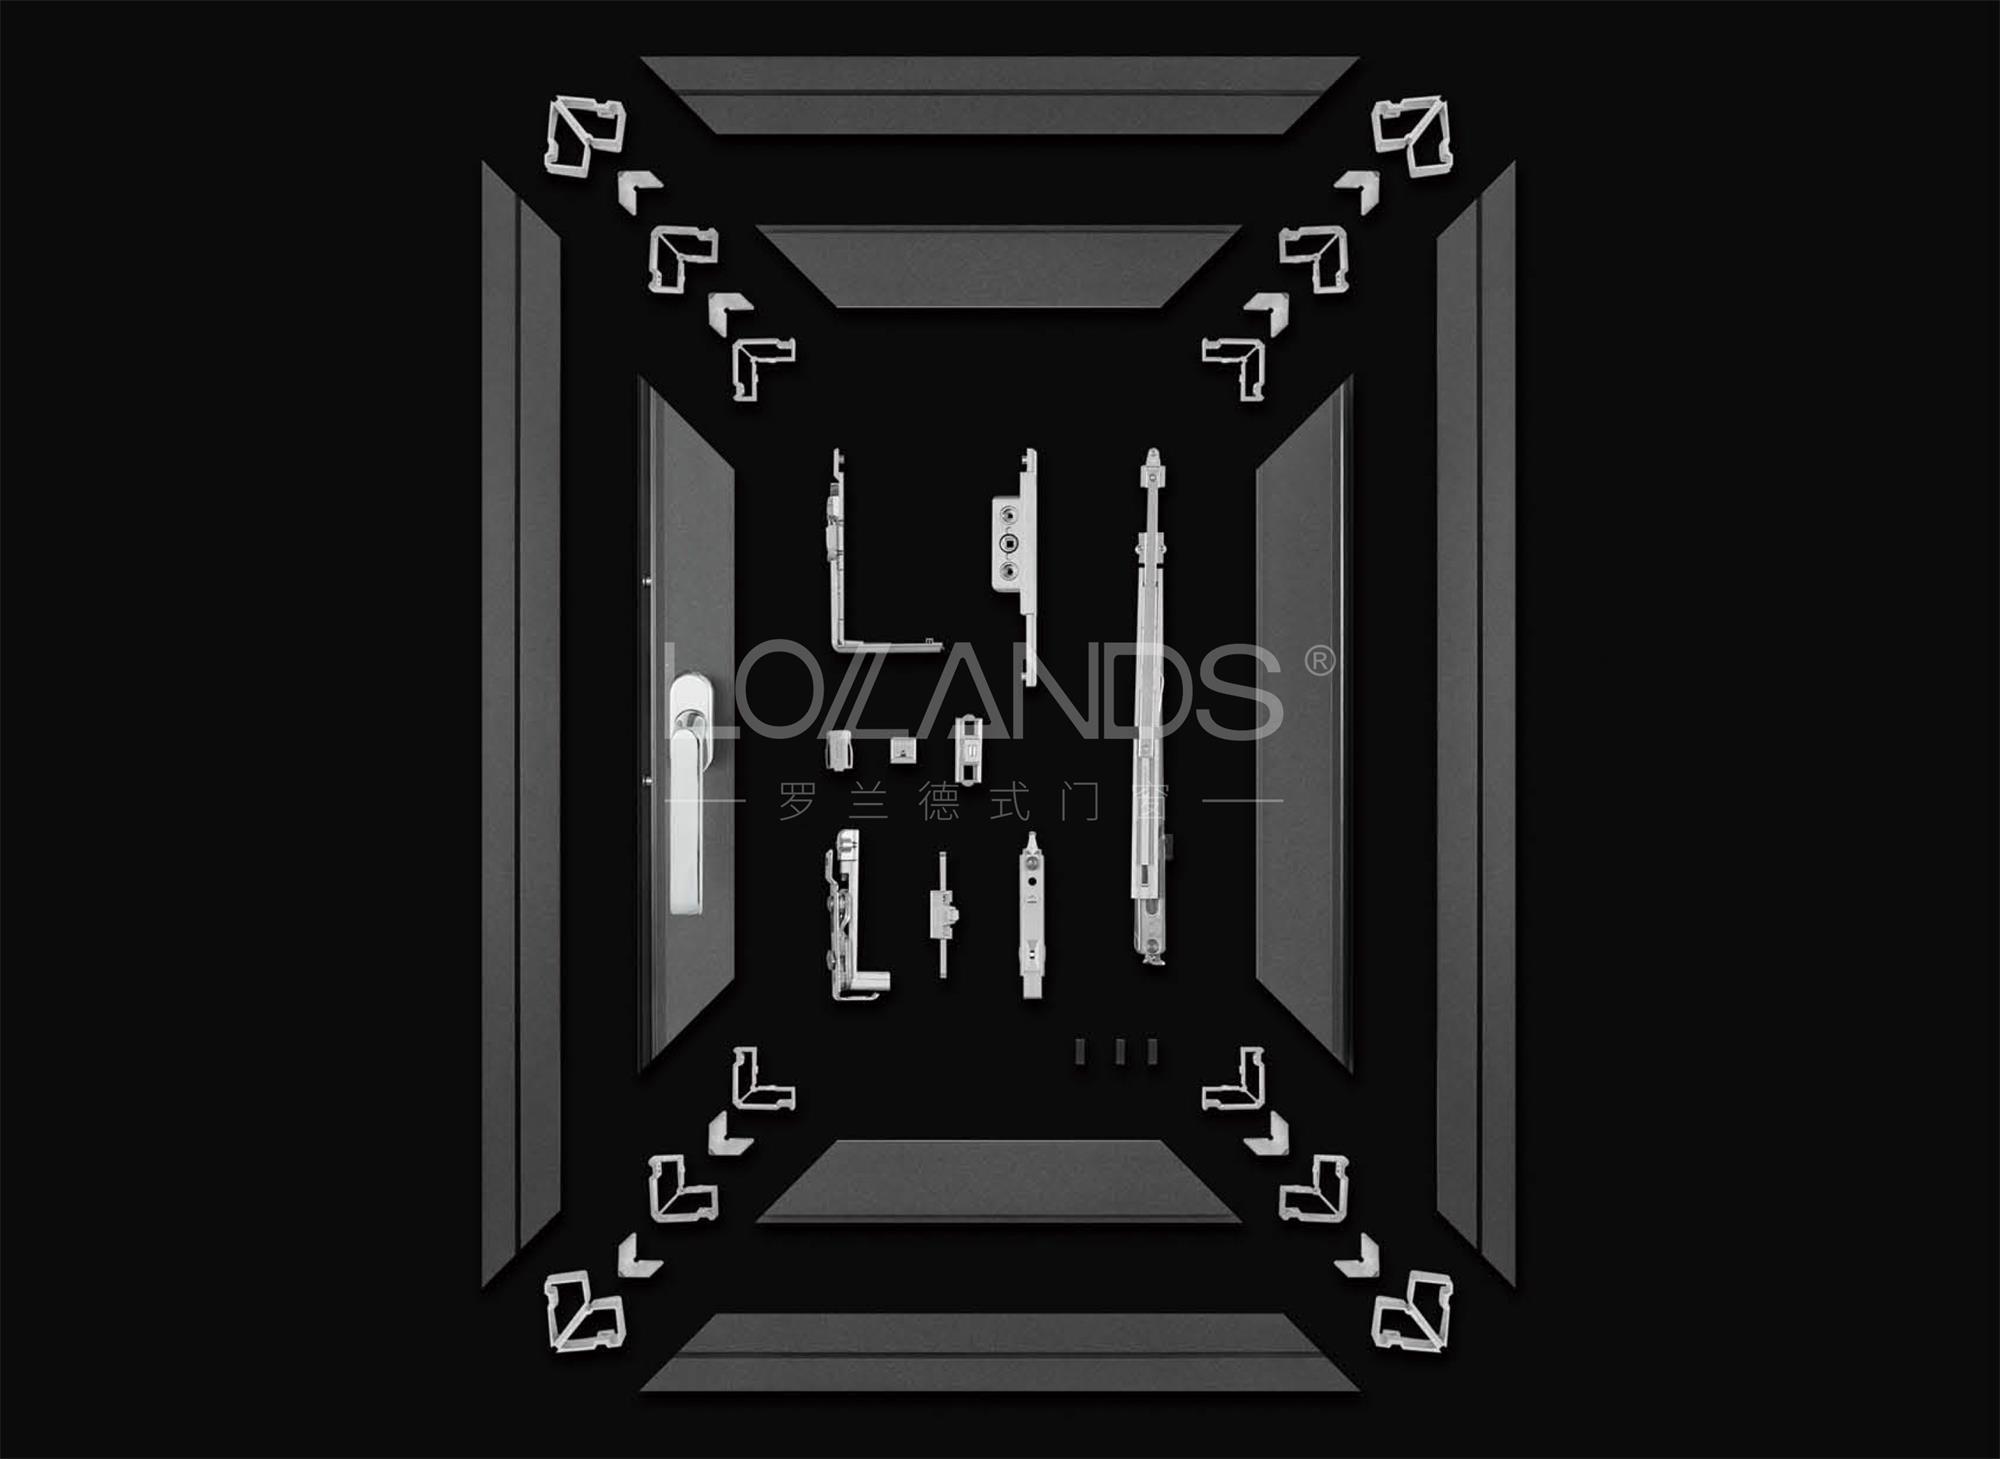 罗兰德式门窗丨匠心品质、极致轻奢